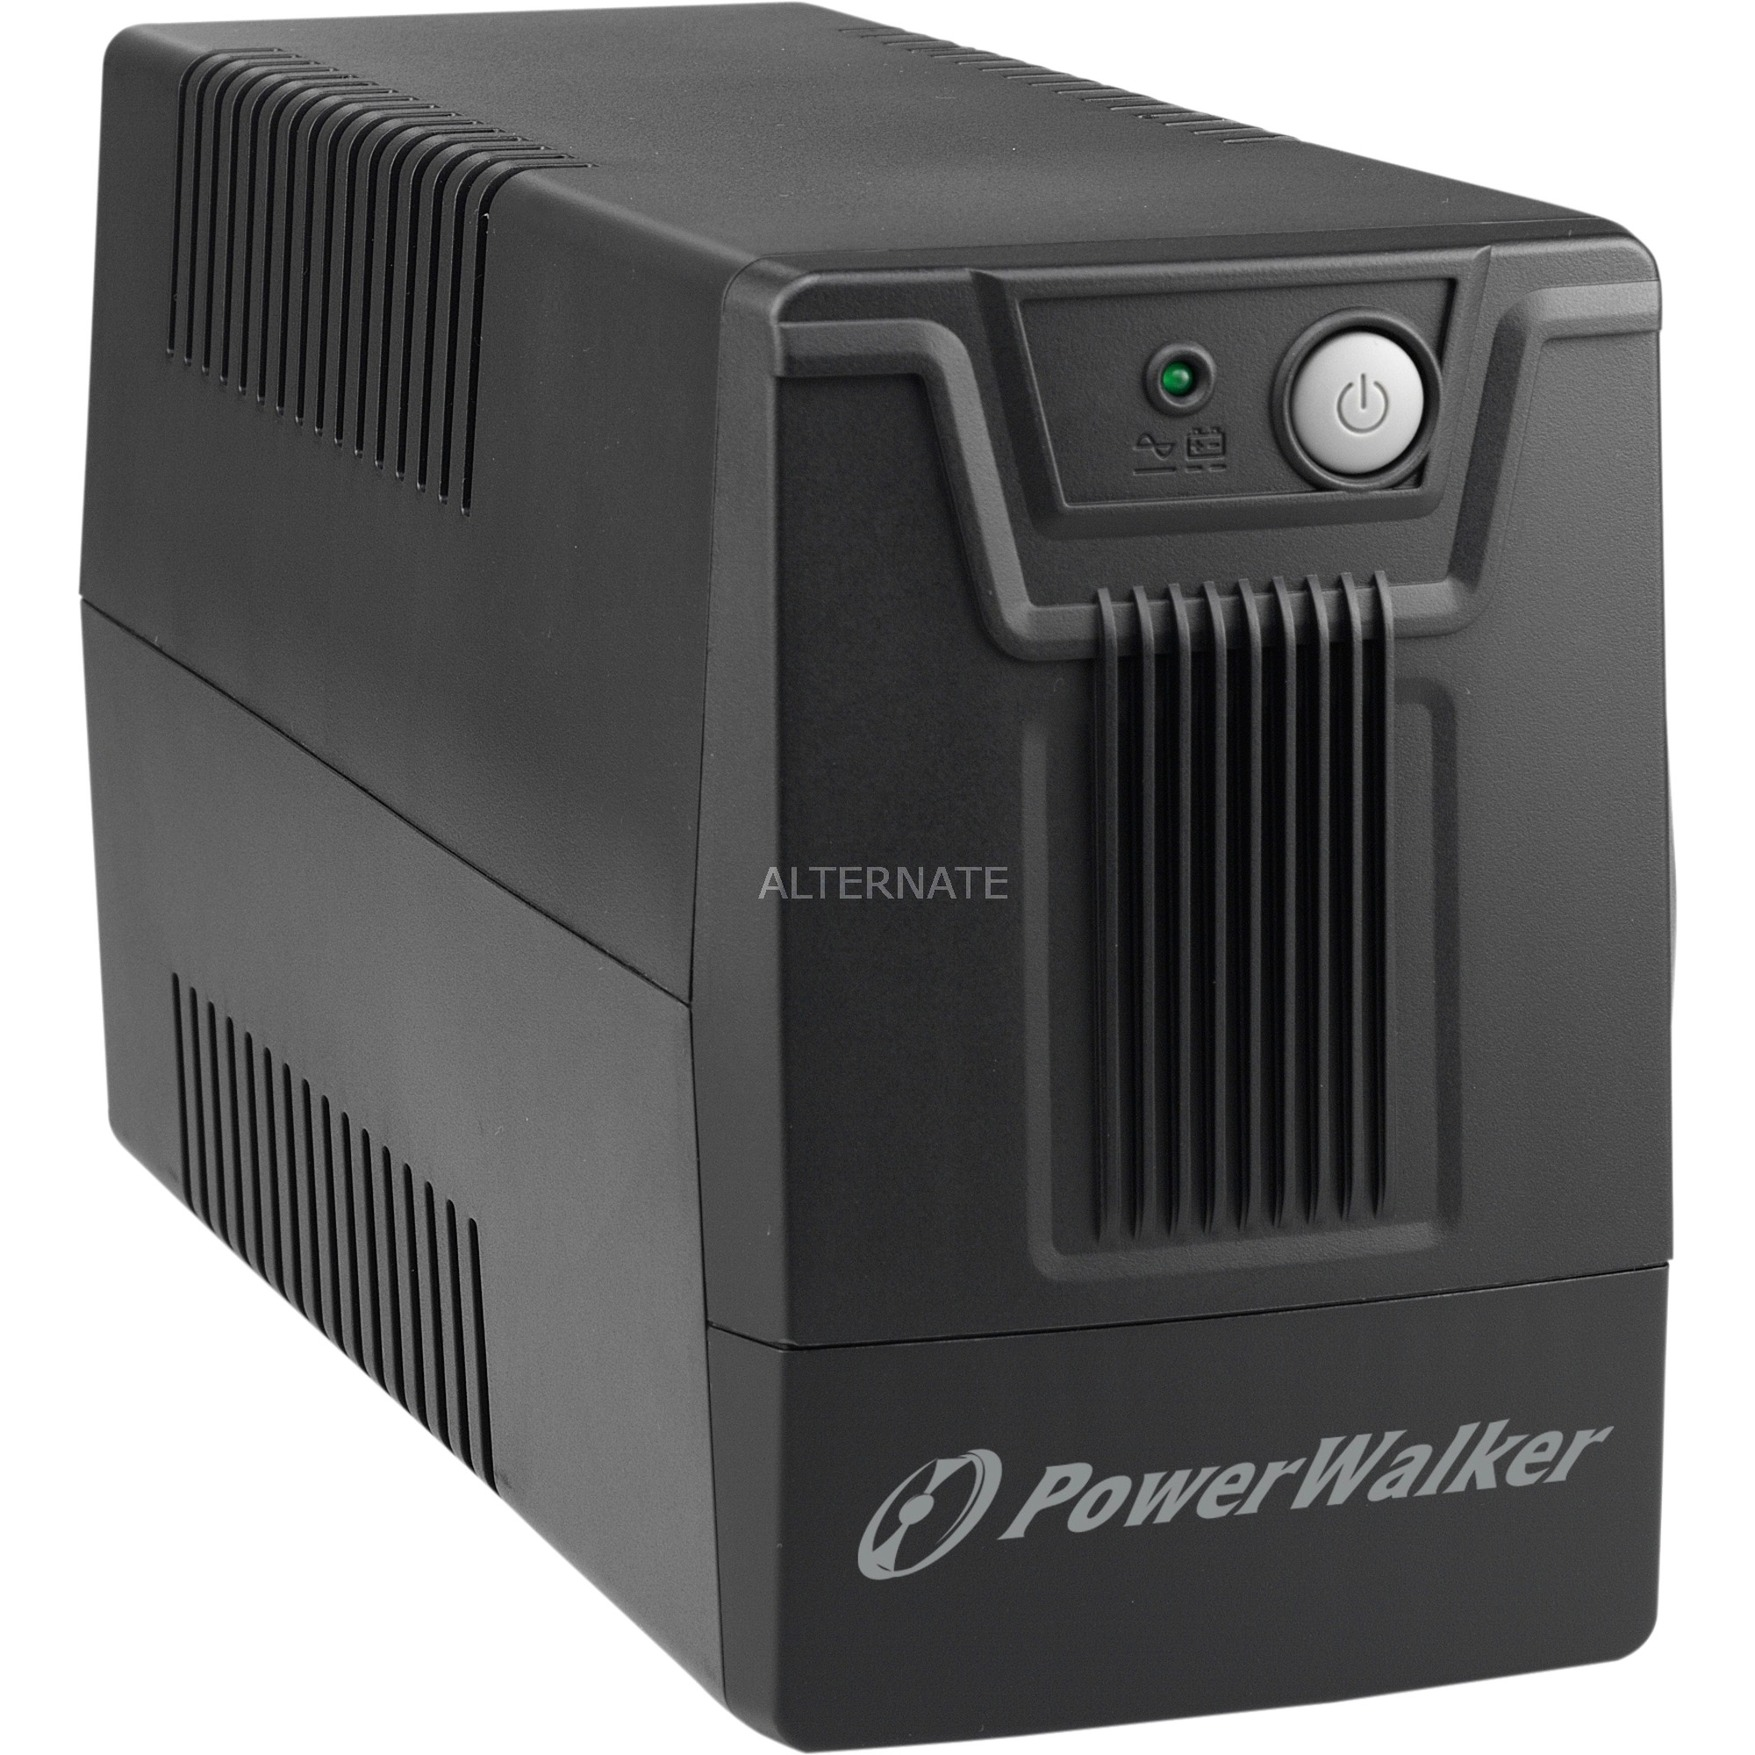 10121025 Línea interactiva 800VA 2salidas AC sistema de alimentación ininterrumpida (UPS)